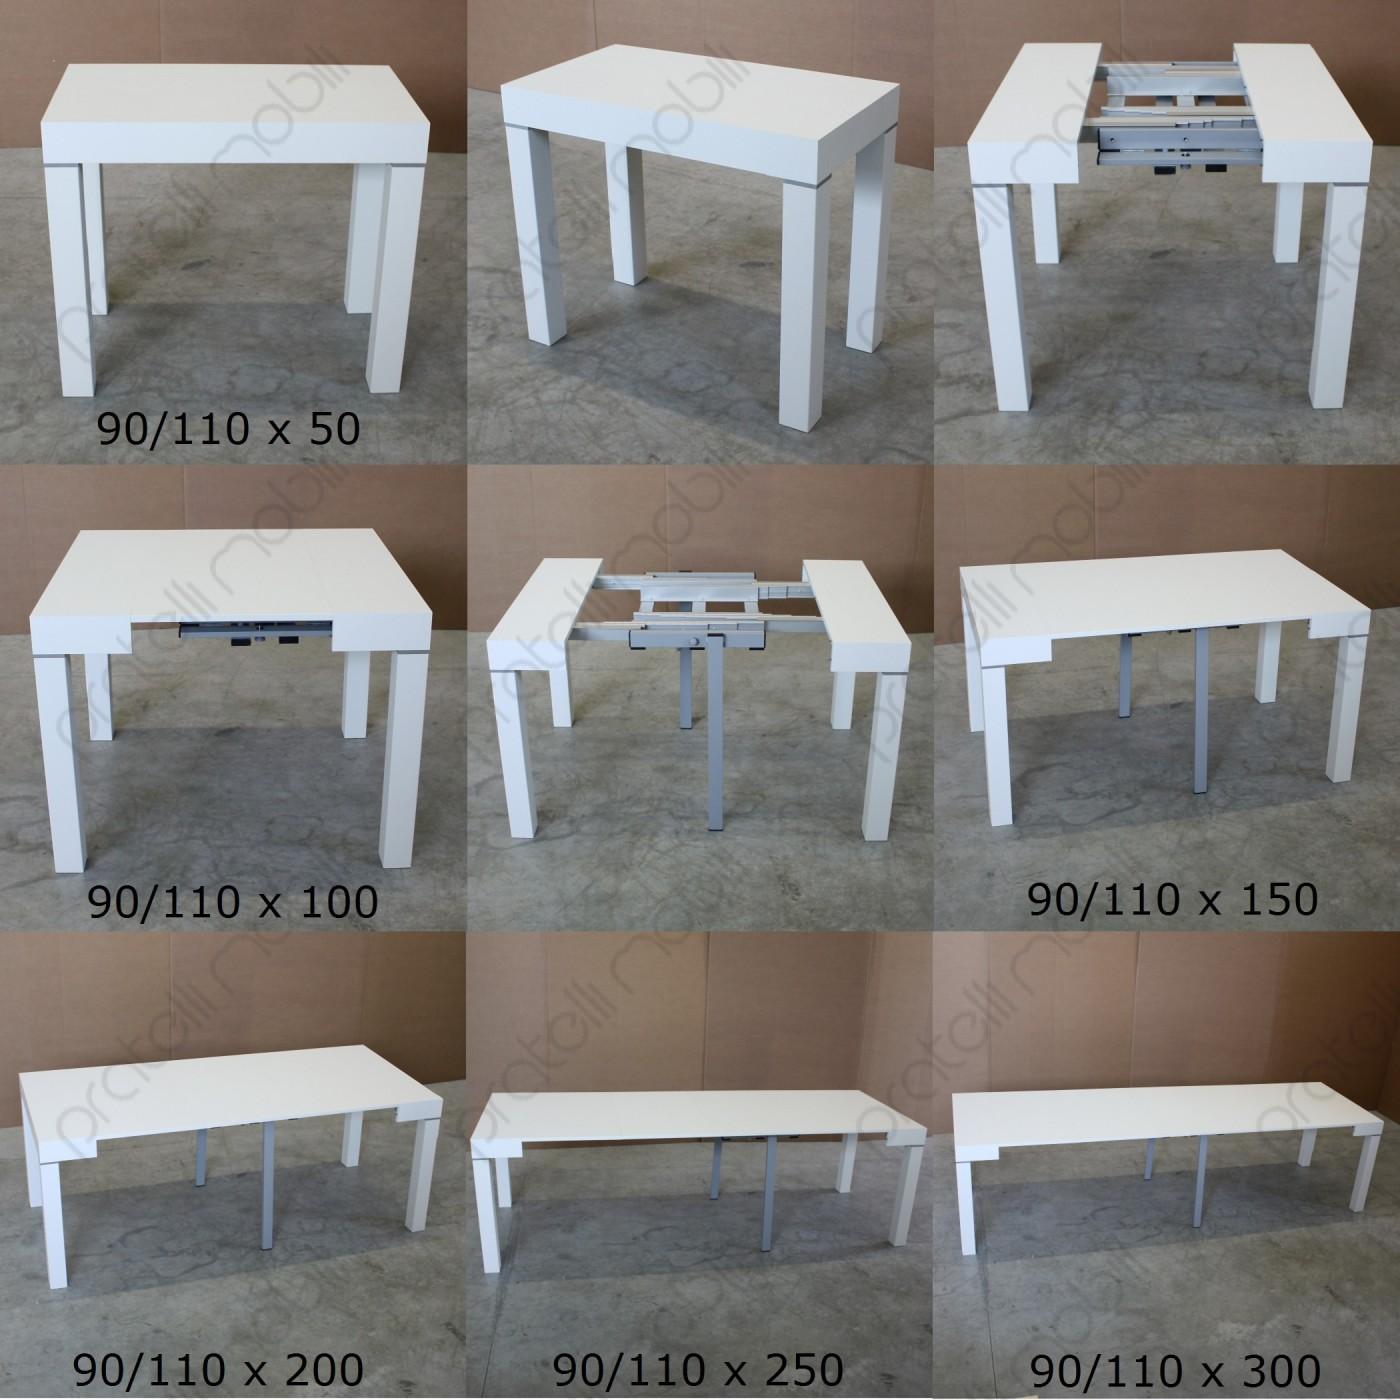 Pratelli Mobili Il tavolo allungabile da 50 a 300 cm - Pratelli Mobili